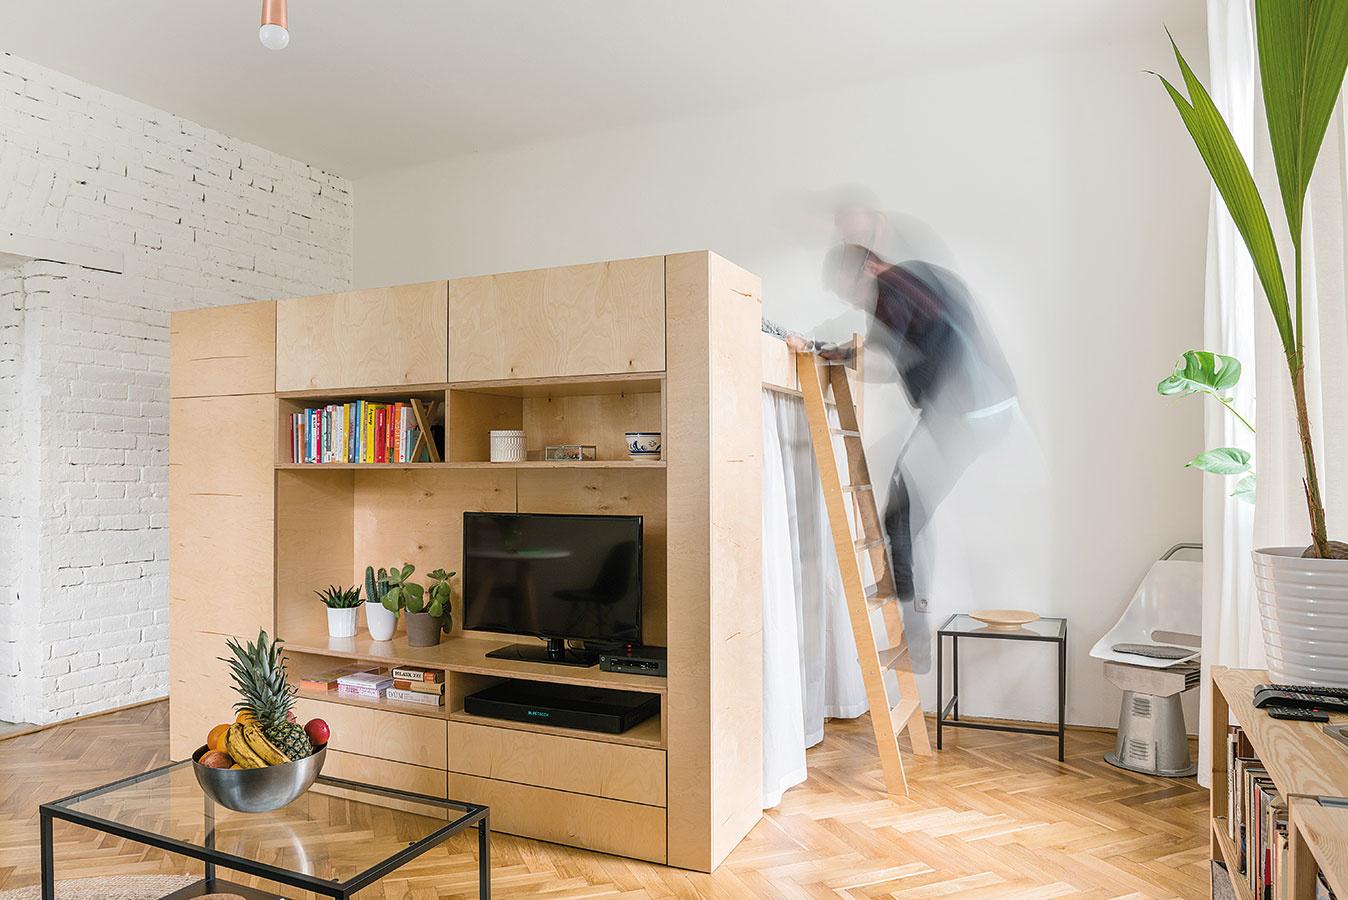 Čarovanie s centimetrami. Vstavaný preglejkový kubus v byte architektov NOØ je ďalšou peknou ukážkou toho, ako možno vyťažiť maximum aj z malého priestoru. Slúži ako vyvýšená posteľ, šatník aj obývačková stena. Za závesom pod posteľou sa navyše ukrýva veľkorysý sklad.